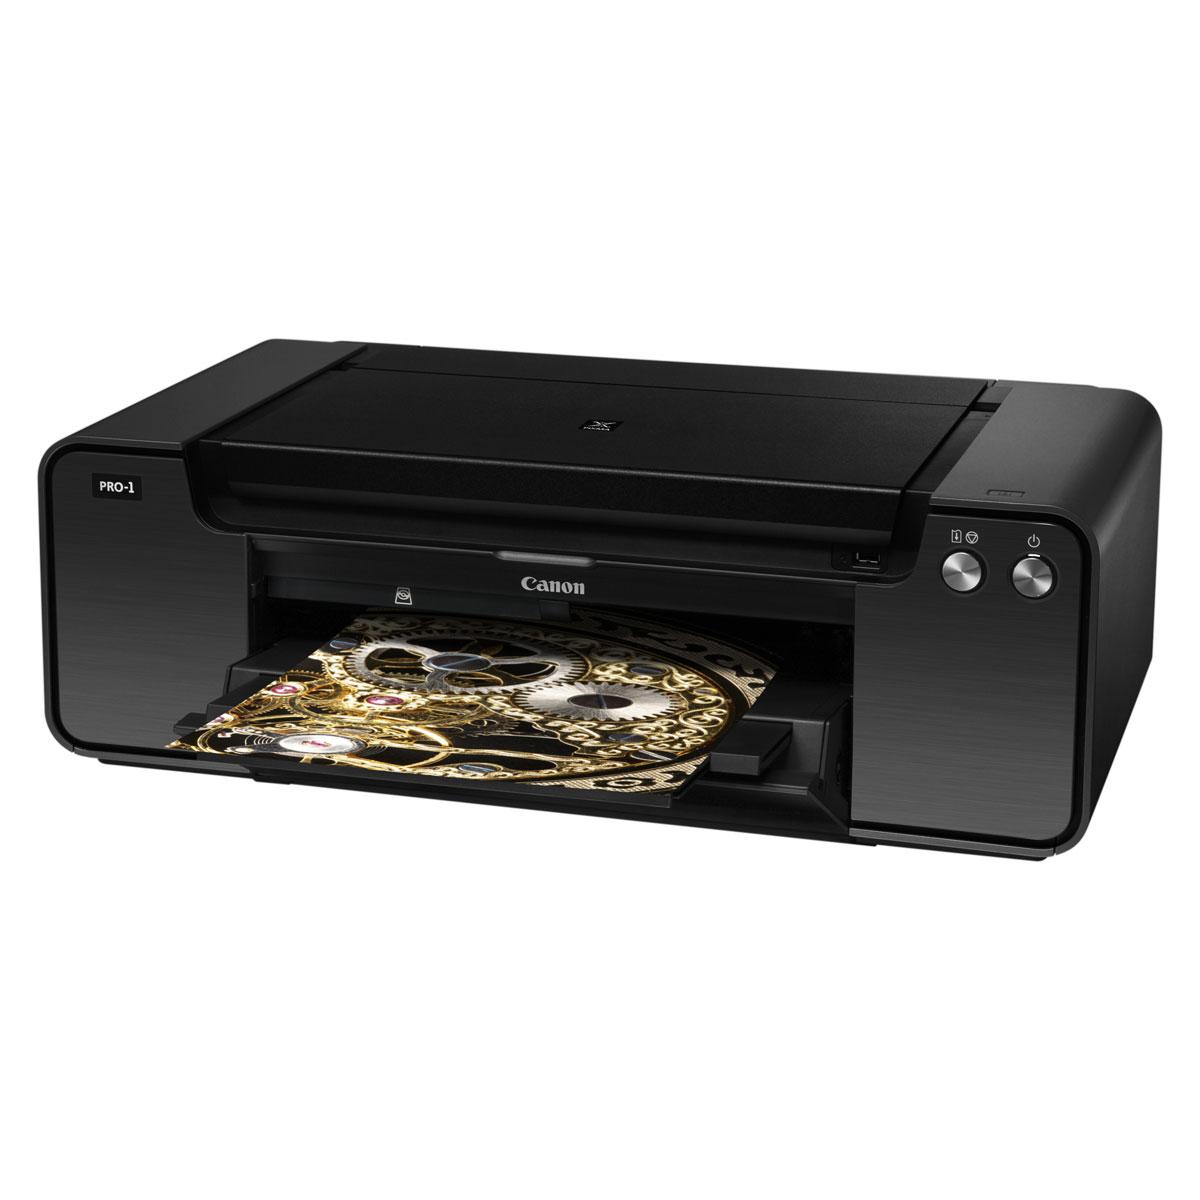 canon pixma pro 1 imprimante jet d 39 encre canon sur. Black Bedroom Furniture Sets. Home Design Ideas